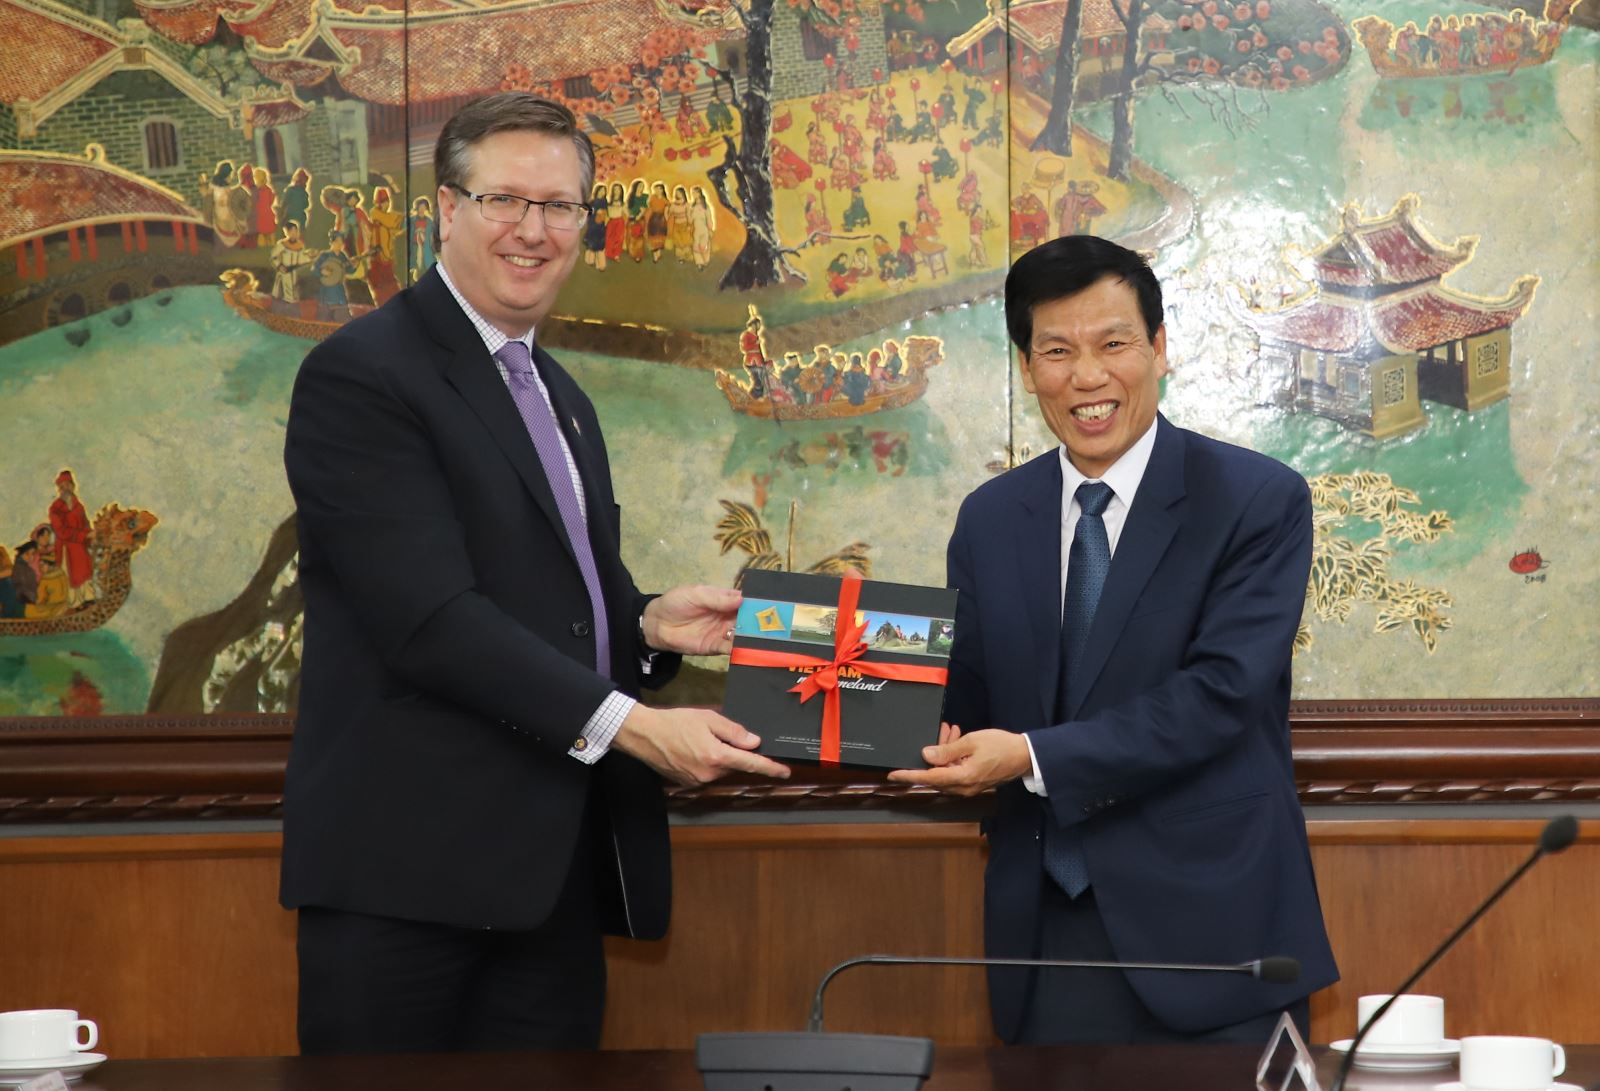 Chủ tịch Hội đồng Kinh doanh Hoa Kỳ - ASEAN tin tưởng và đánh giá cao hiệu quả công tác phòng chống dịch Covid - 19 của Việt Nam